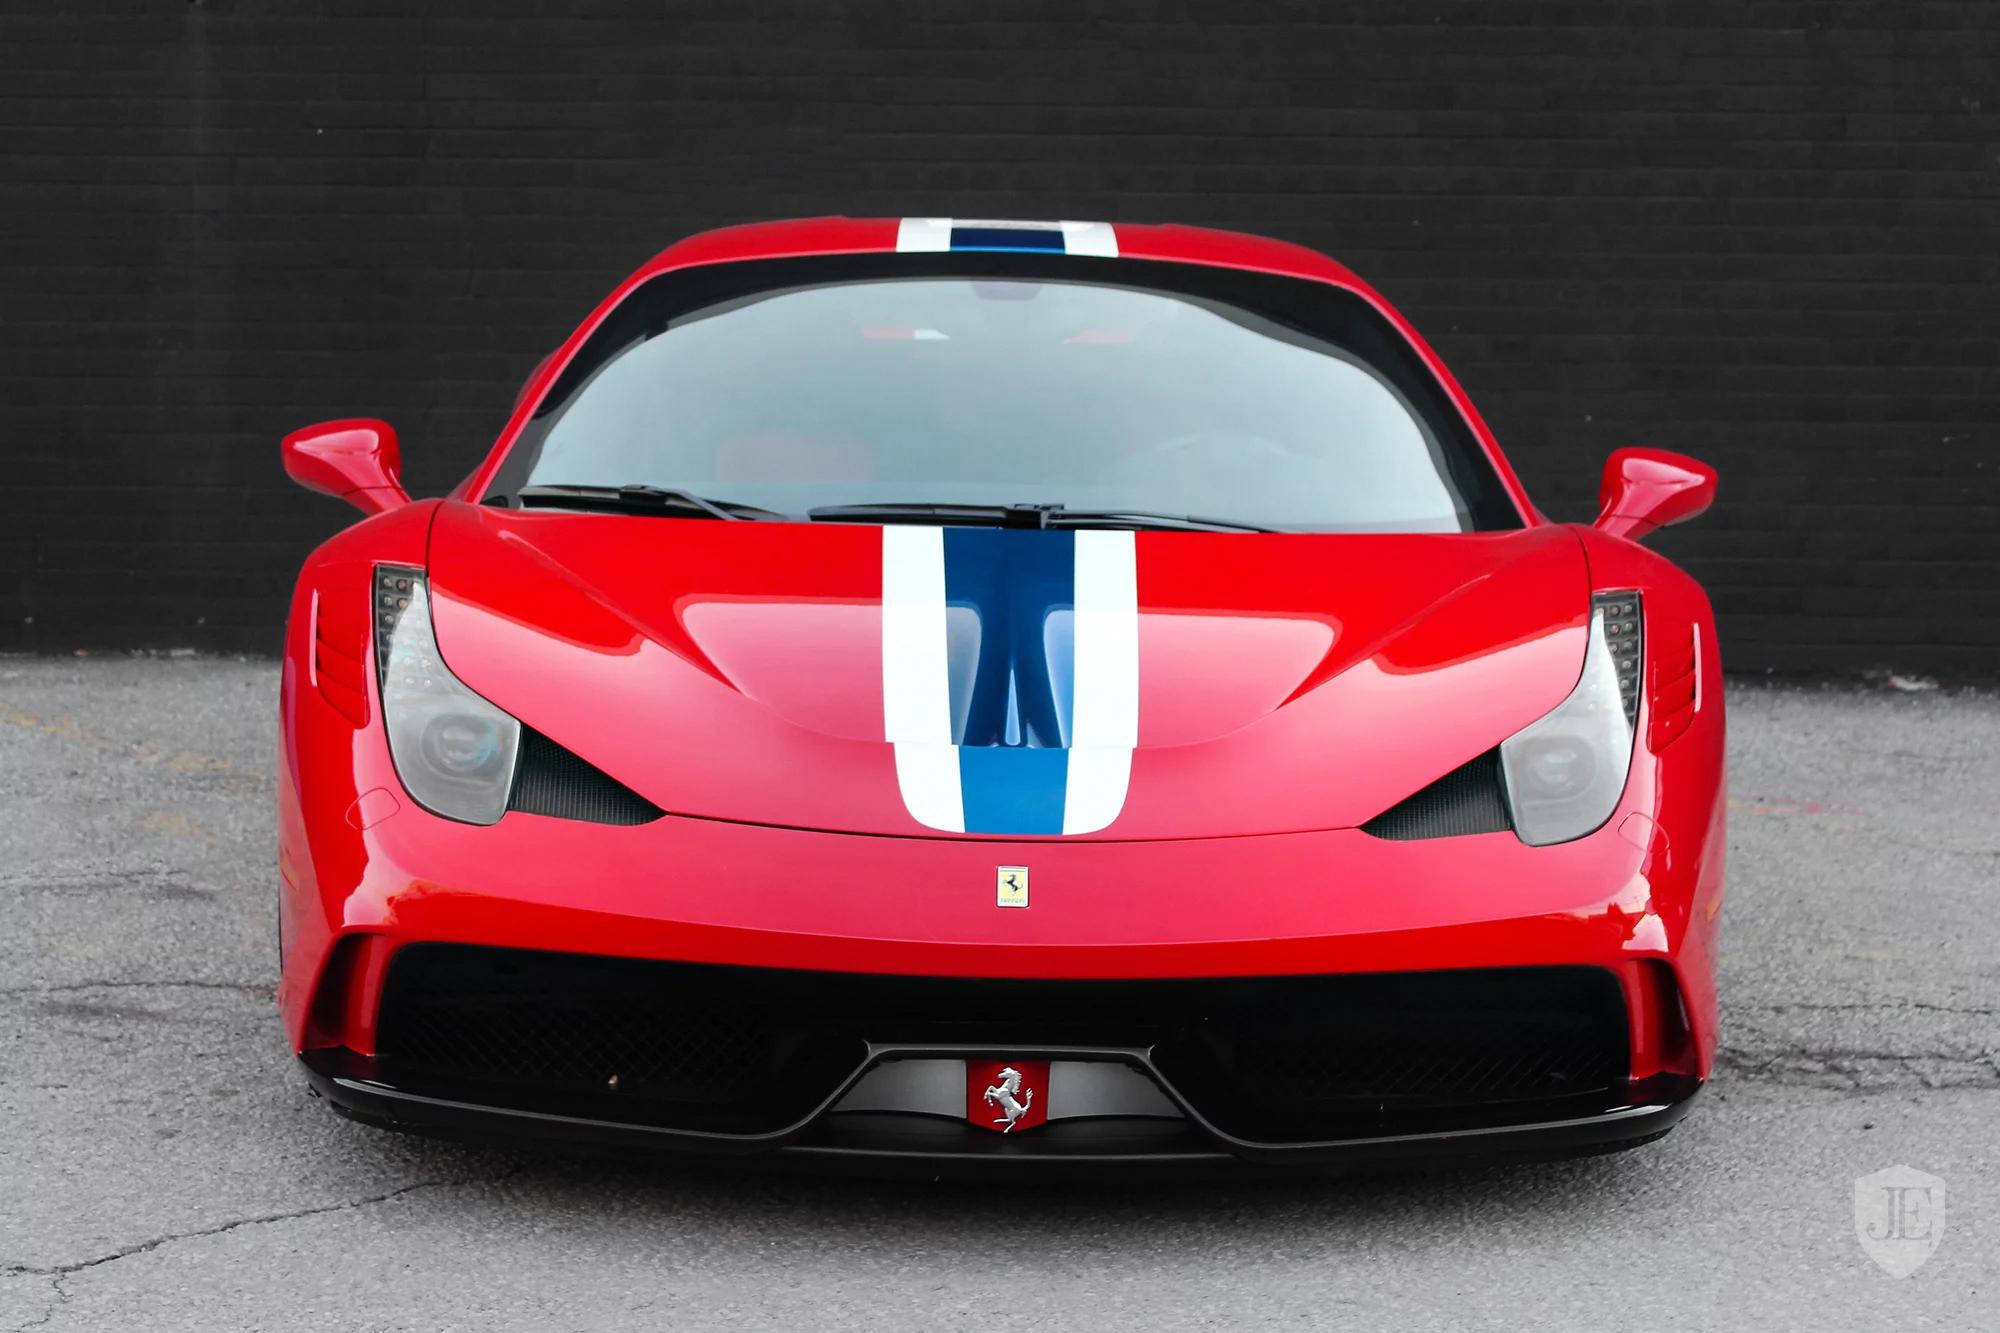 2015 Ferrari 458 Speciale In Toronto Canada For Sale 10399013 Lamborghini In 2020 Ferrari 458 Speciale Ferrari Ferrari 458